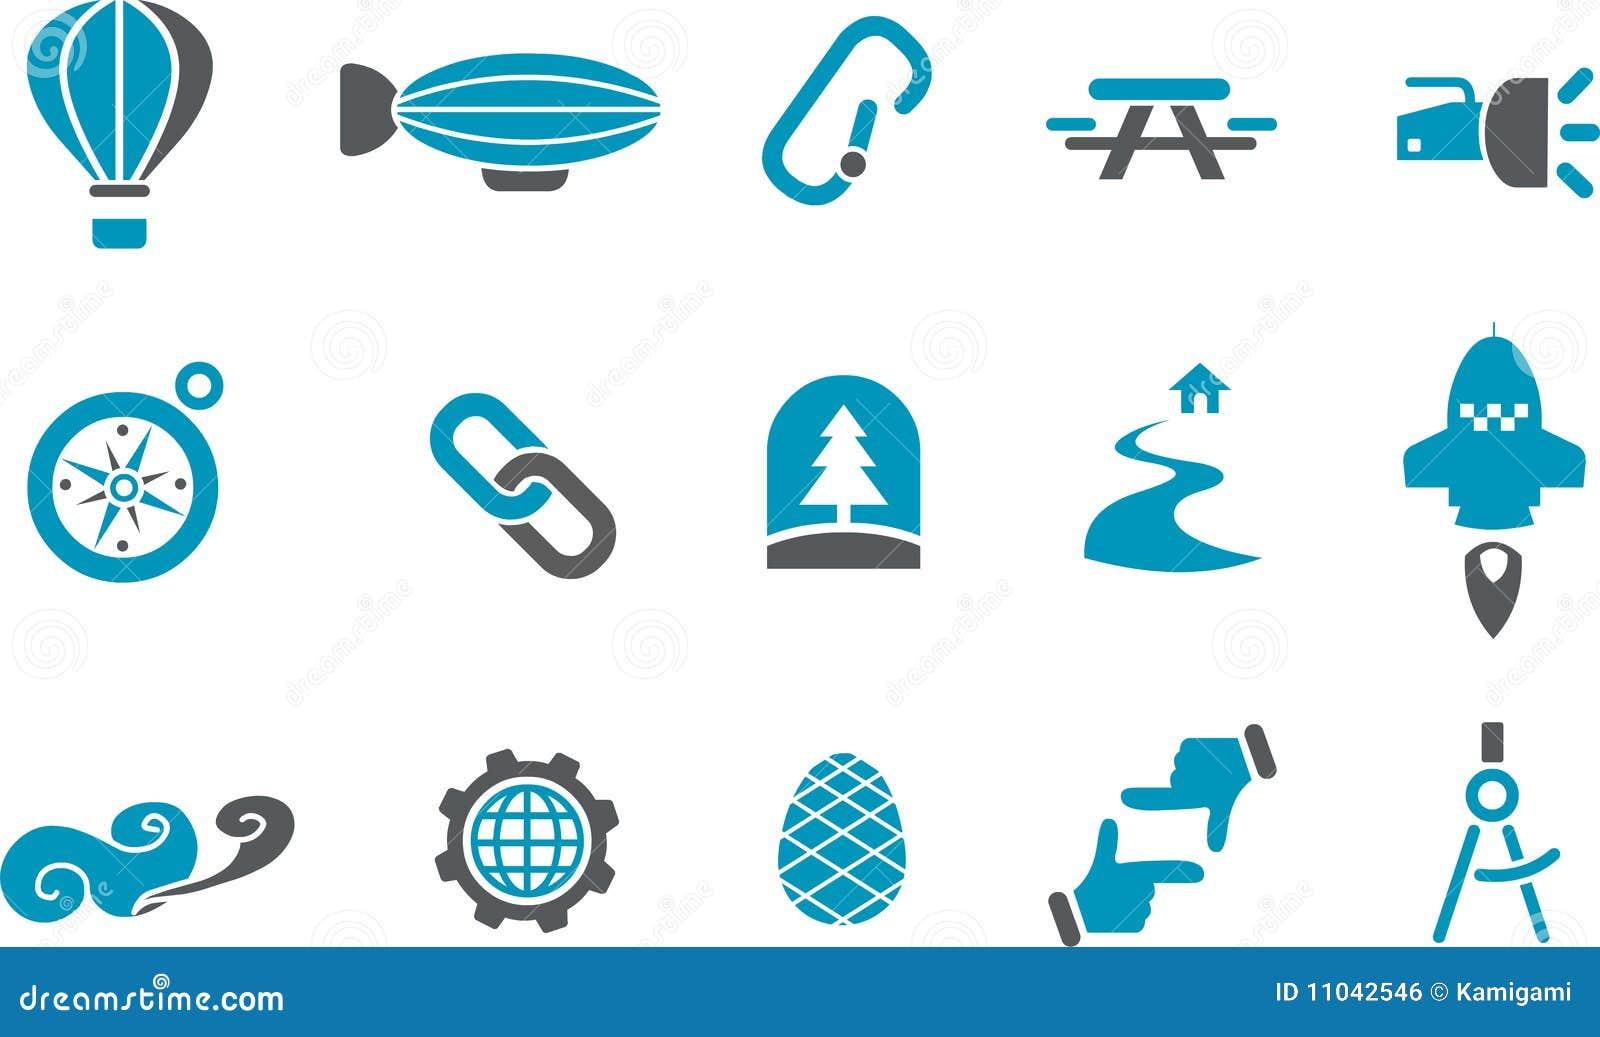 https://thumbs.dreamstime.com/z/de-reeks-van-het-pictogram-van-de-exploratie-11042546.jpg